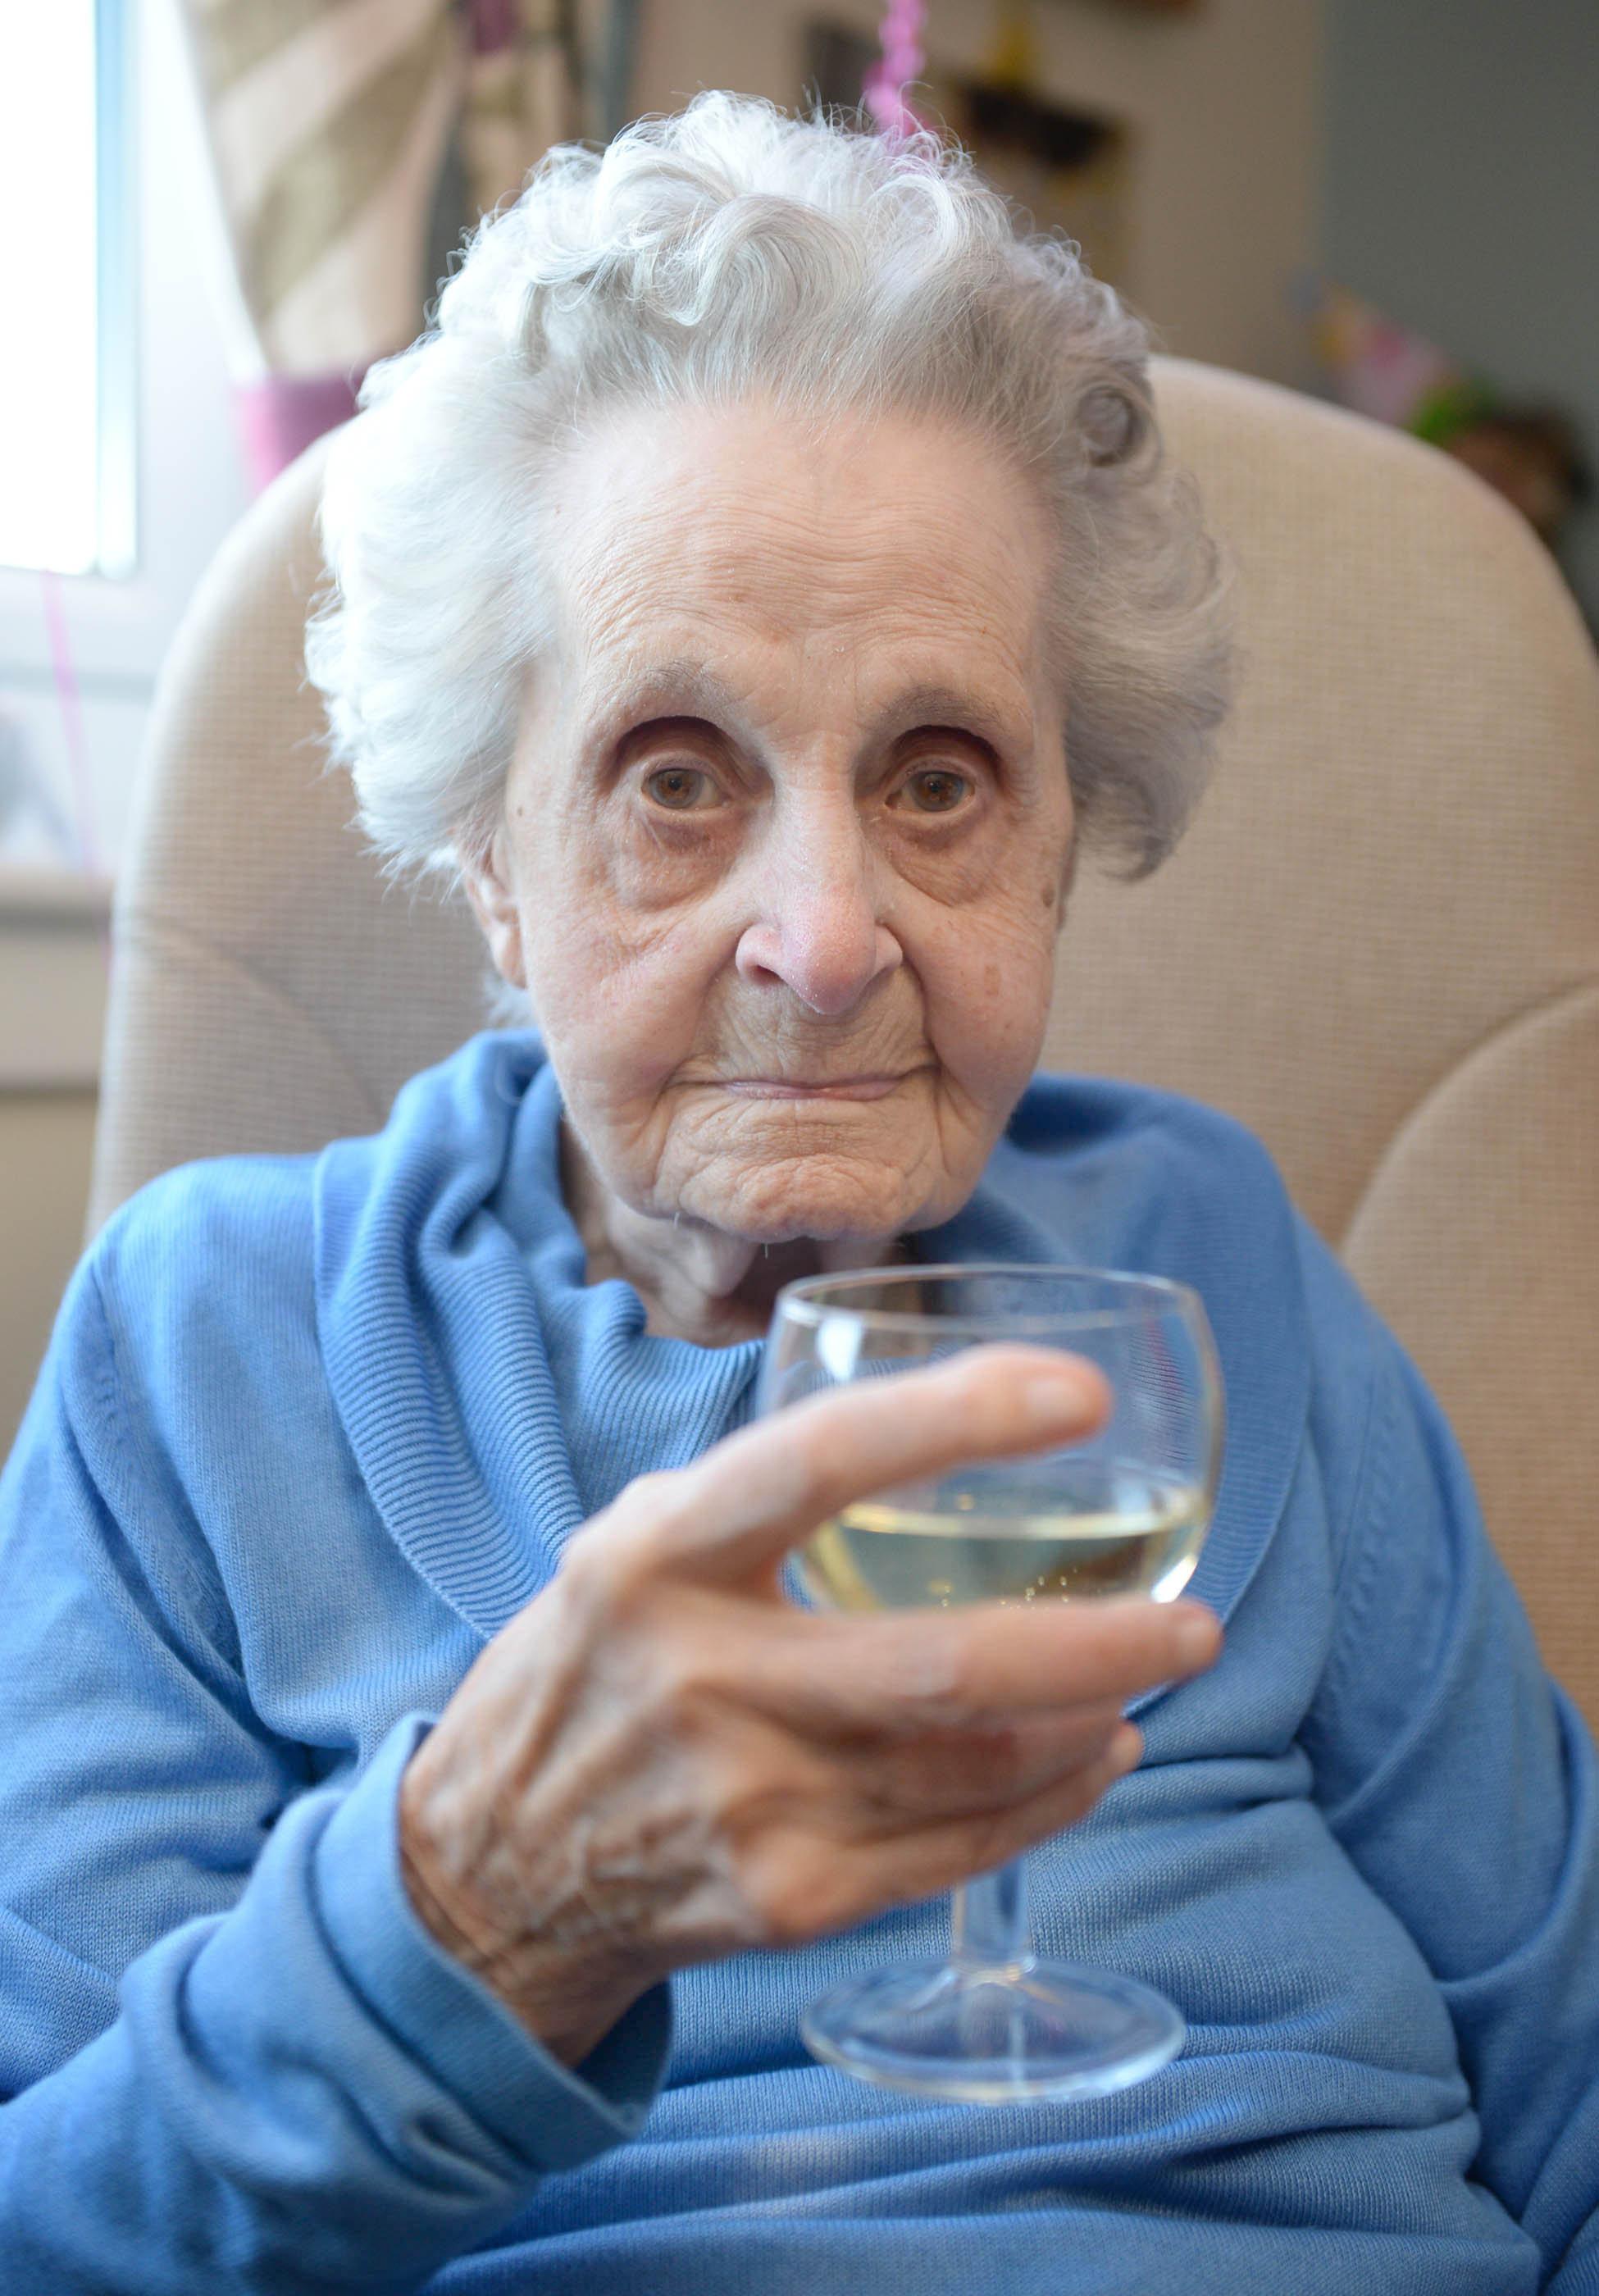 Pensioner Turns 102, Despite Smoking For 75